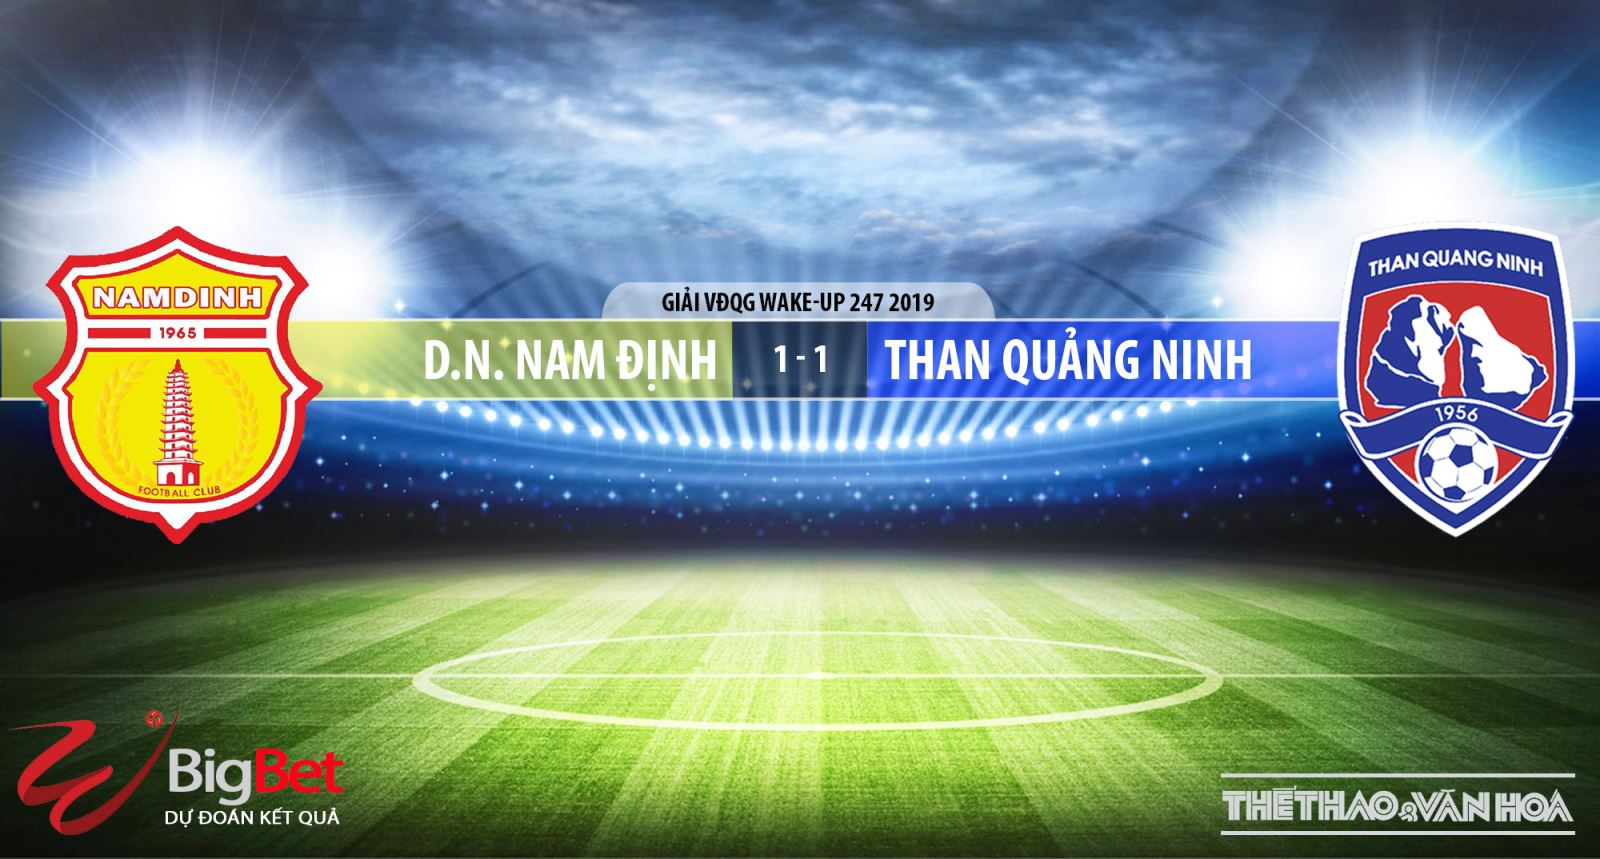 Nam Định vs Than Quảng Ninh, Nam Định, Than Quảng Ninh, truc tiep bong da, trực tiếp bóng đá, truc tiep Nam Dinh, truc tiep Nam Định vs Than Quang Ninh, v league 2019, truc tiep v league, BDTV, FPT Play